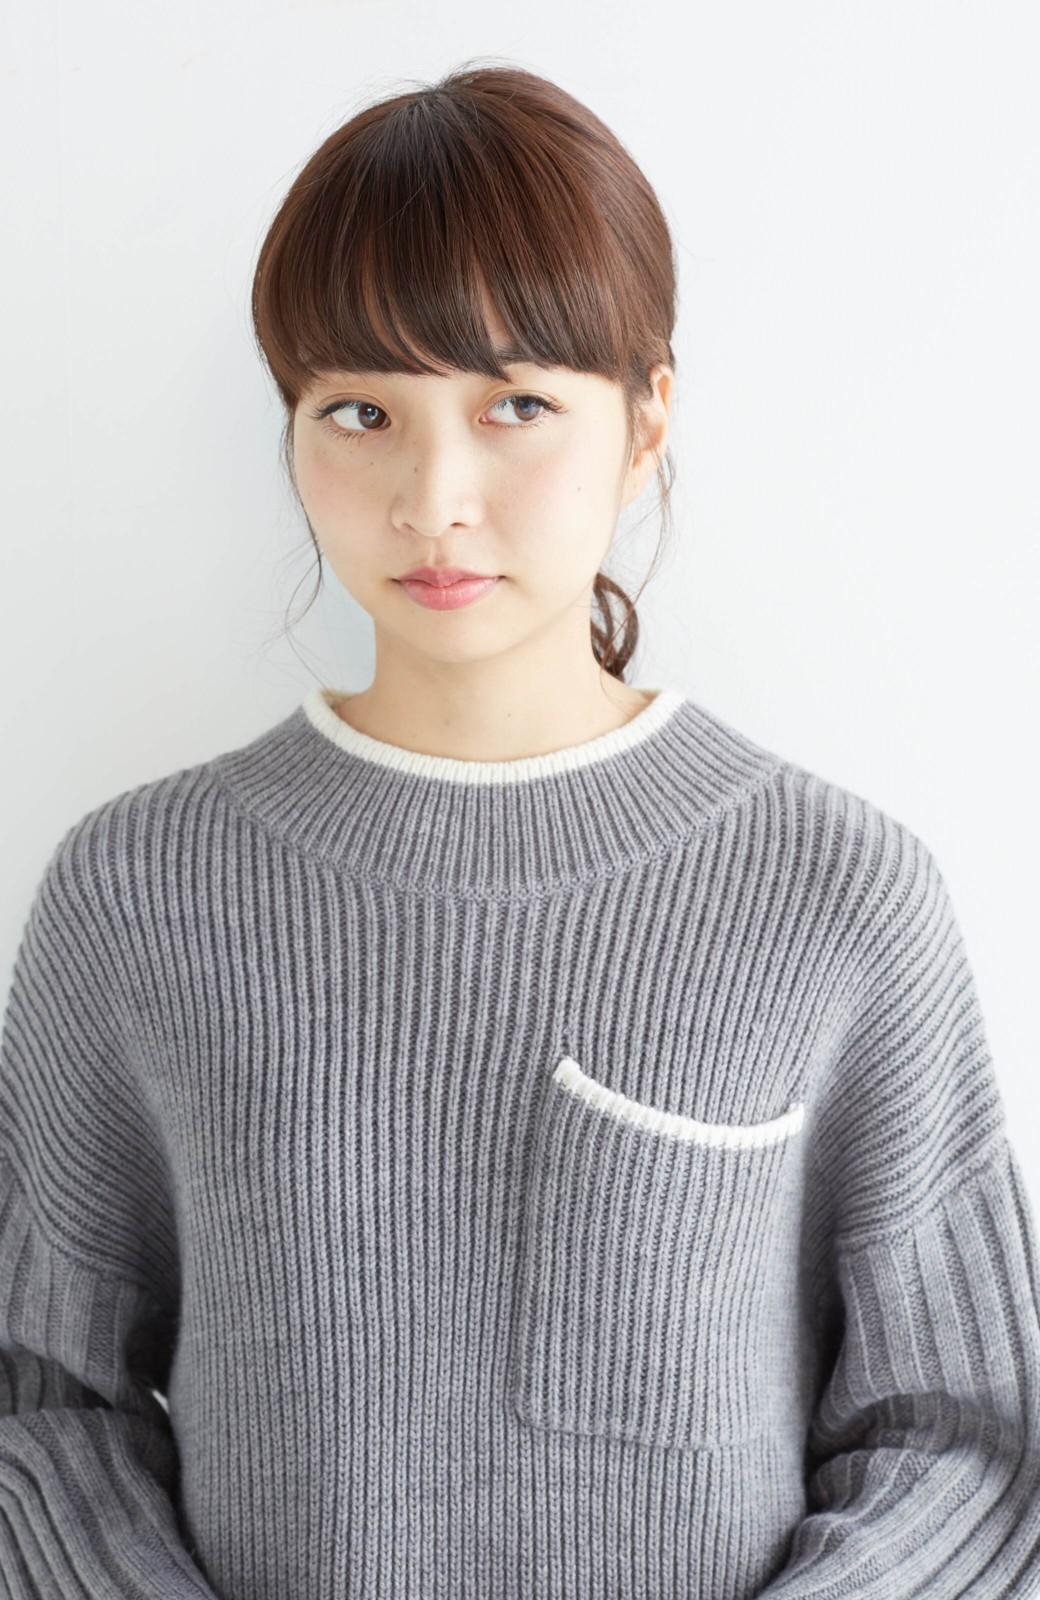 nusy 【mer11月号掲載】配色ラインがポイントのリブ編みニットアップ  <杢グレー>の商品写真22